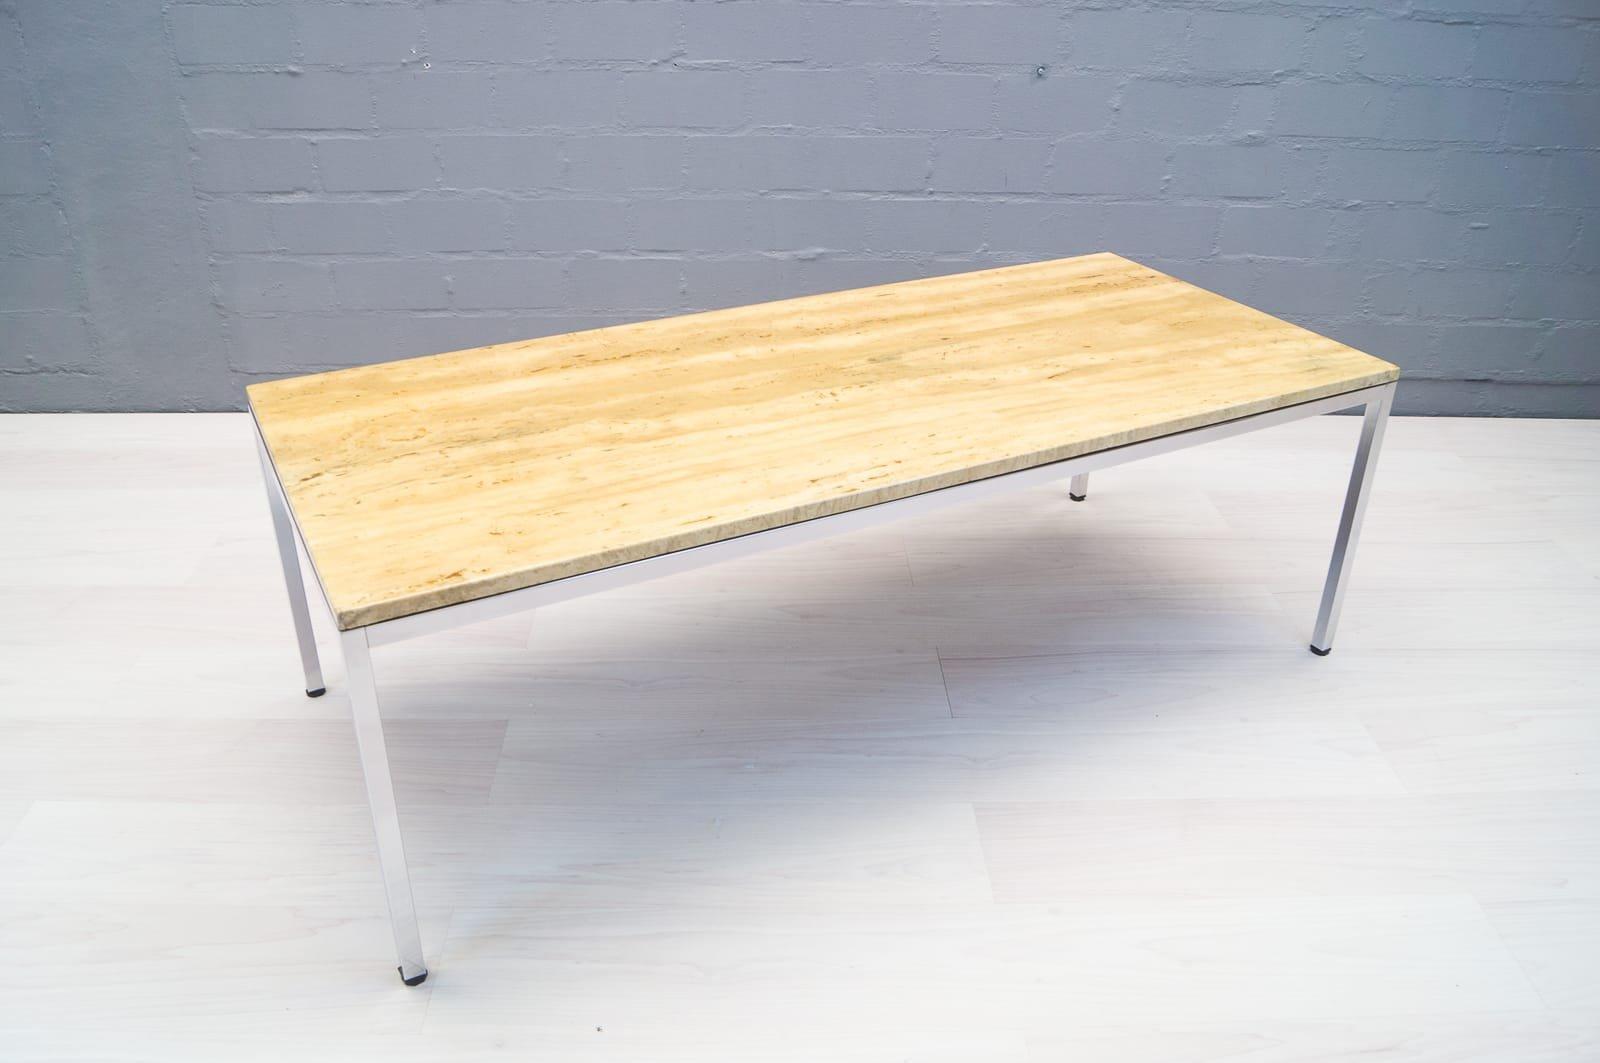 table basse en chrome et marbre 1970s en vente sur pamono. Black Bedroom Furniture Sets. Home Design Ideas